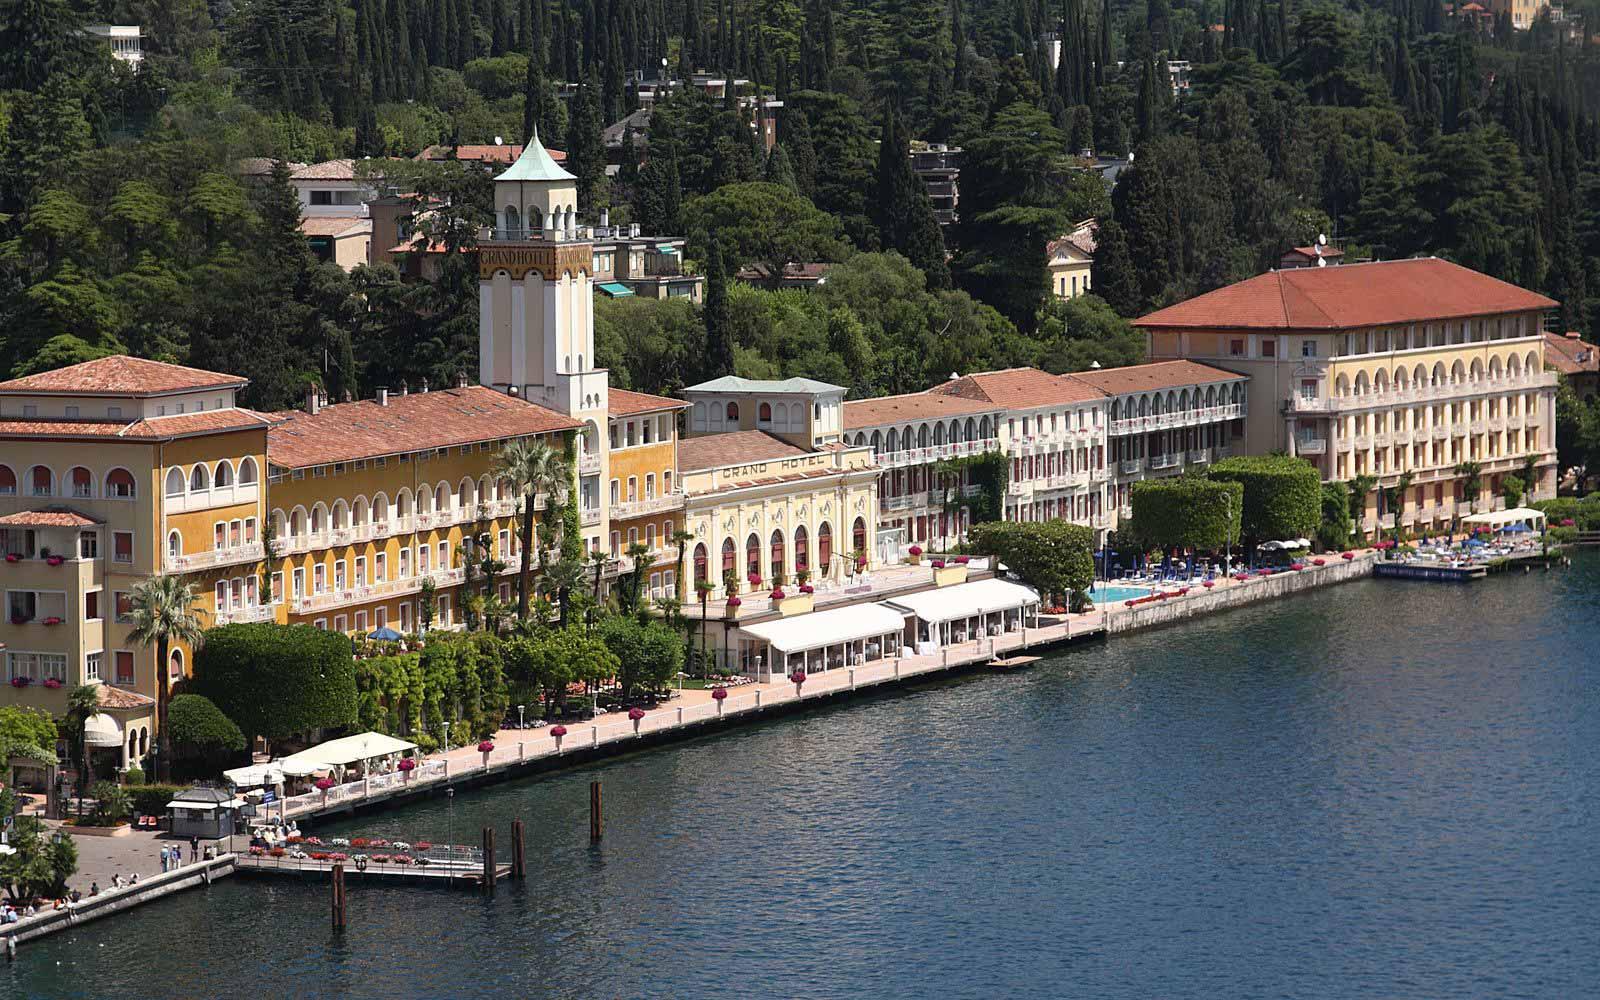 Panoramic view of Grand Hotel Gardone